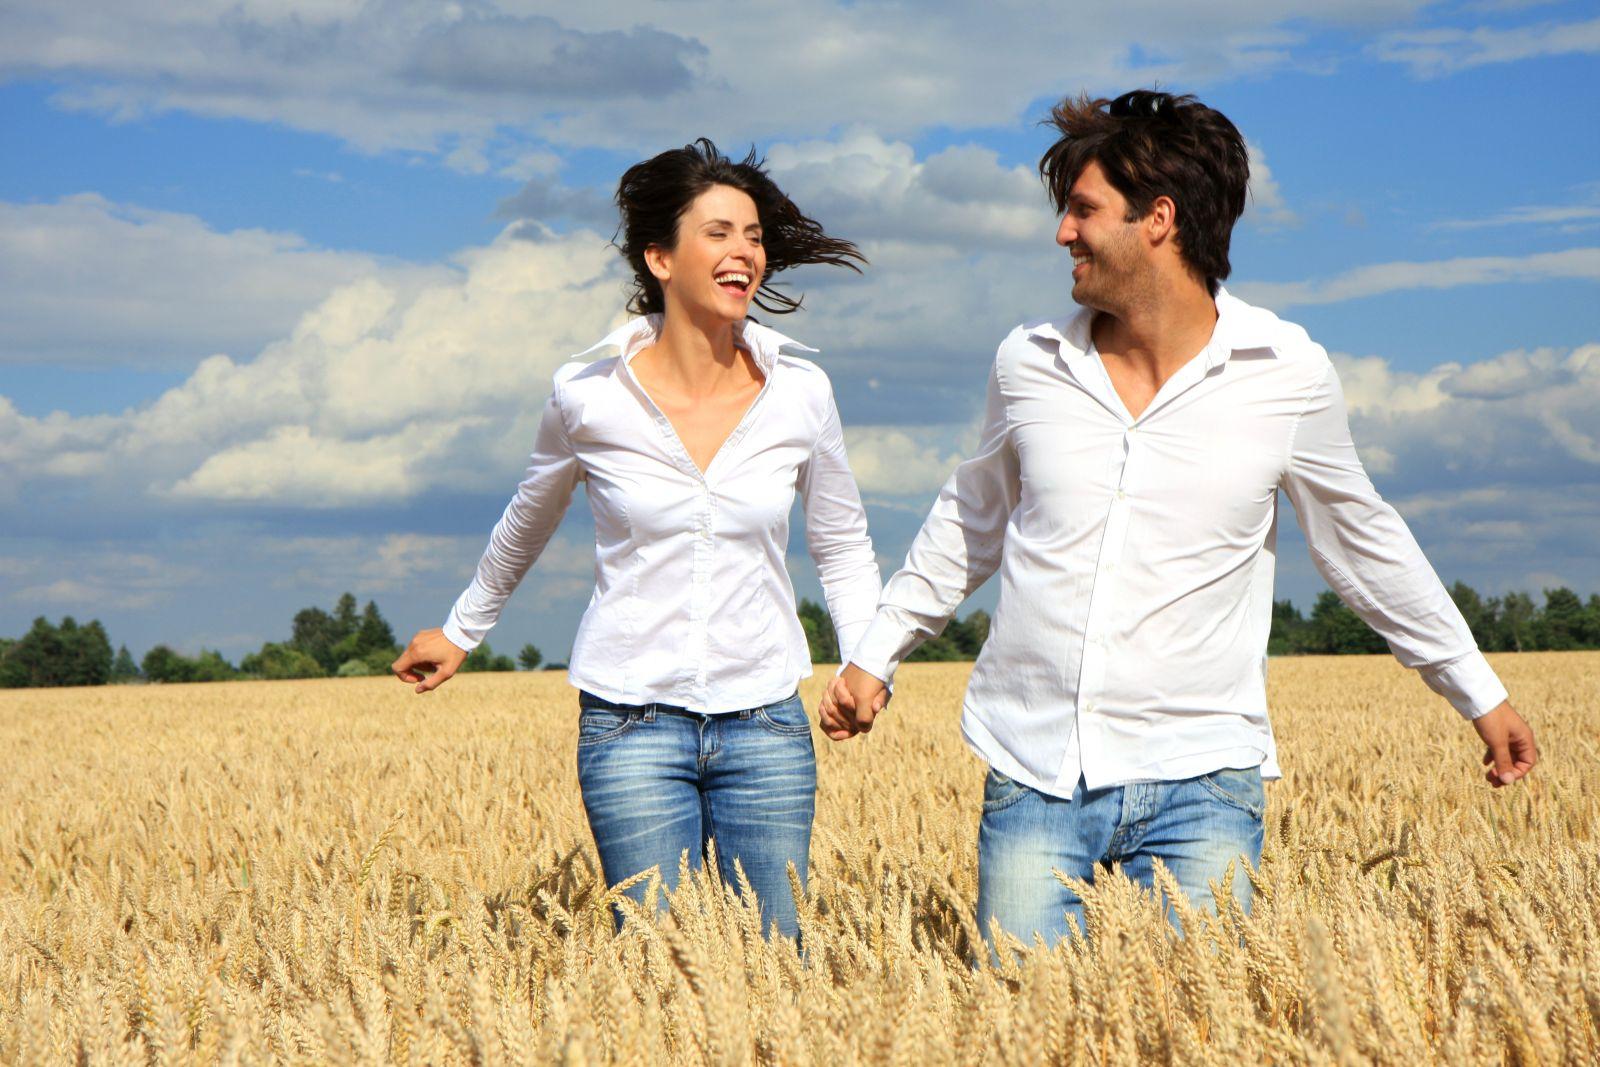 Как найти свою любовь: правила совместимости от астролога - фото №3